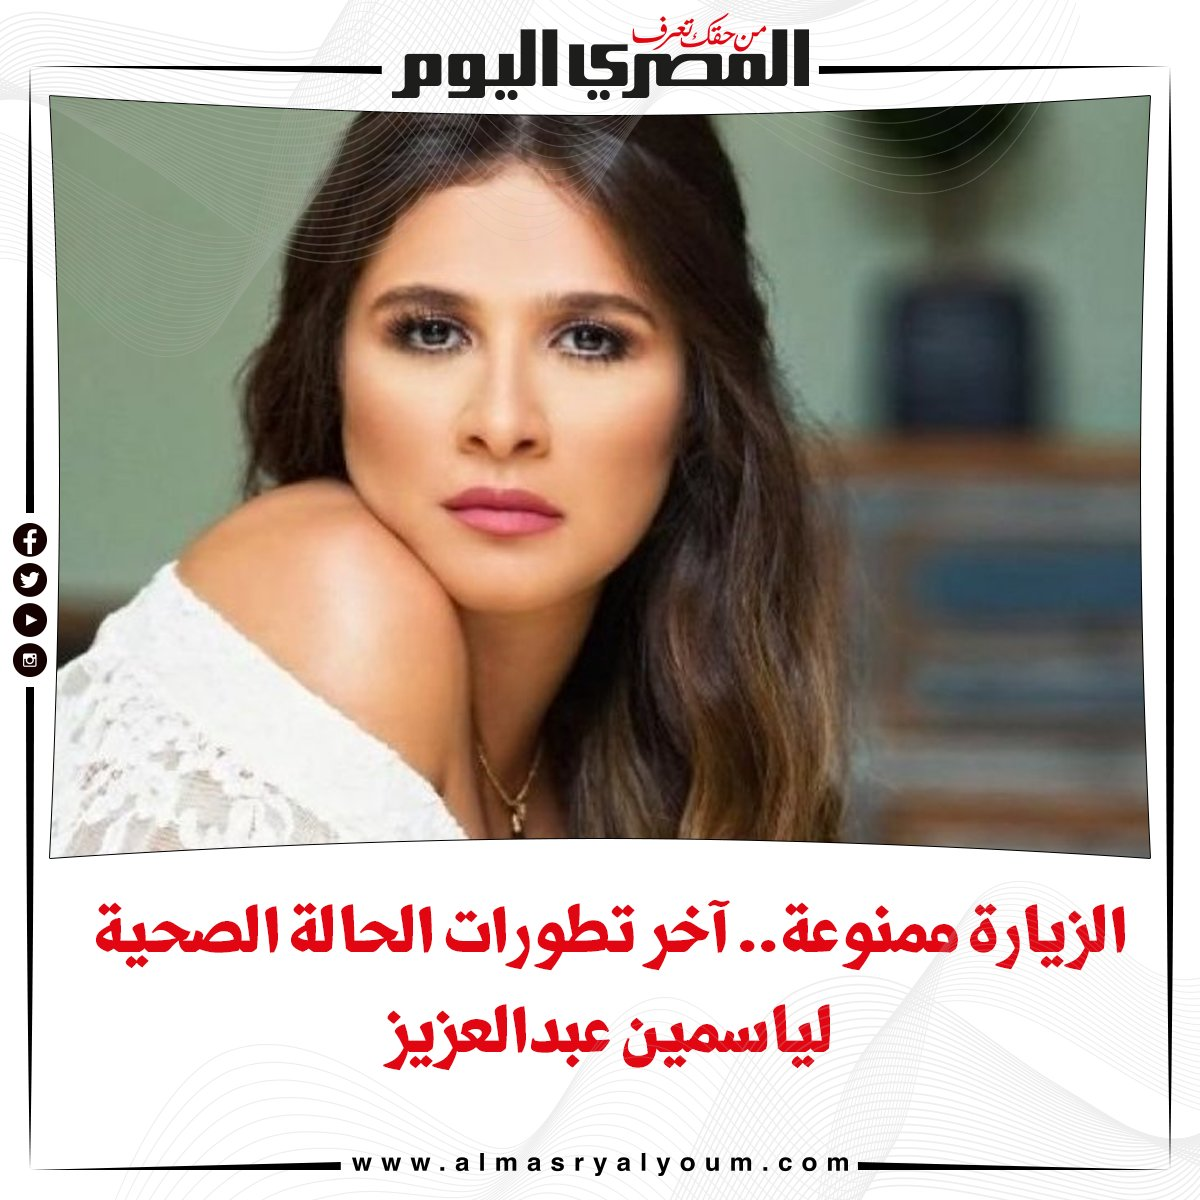 الزيارة ممنوعة.. آخر تطورات الحالة الصحية لـ ياسمين عبدالعزيز